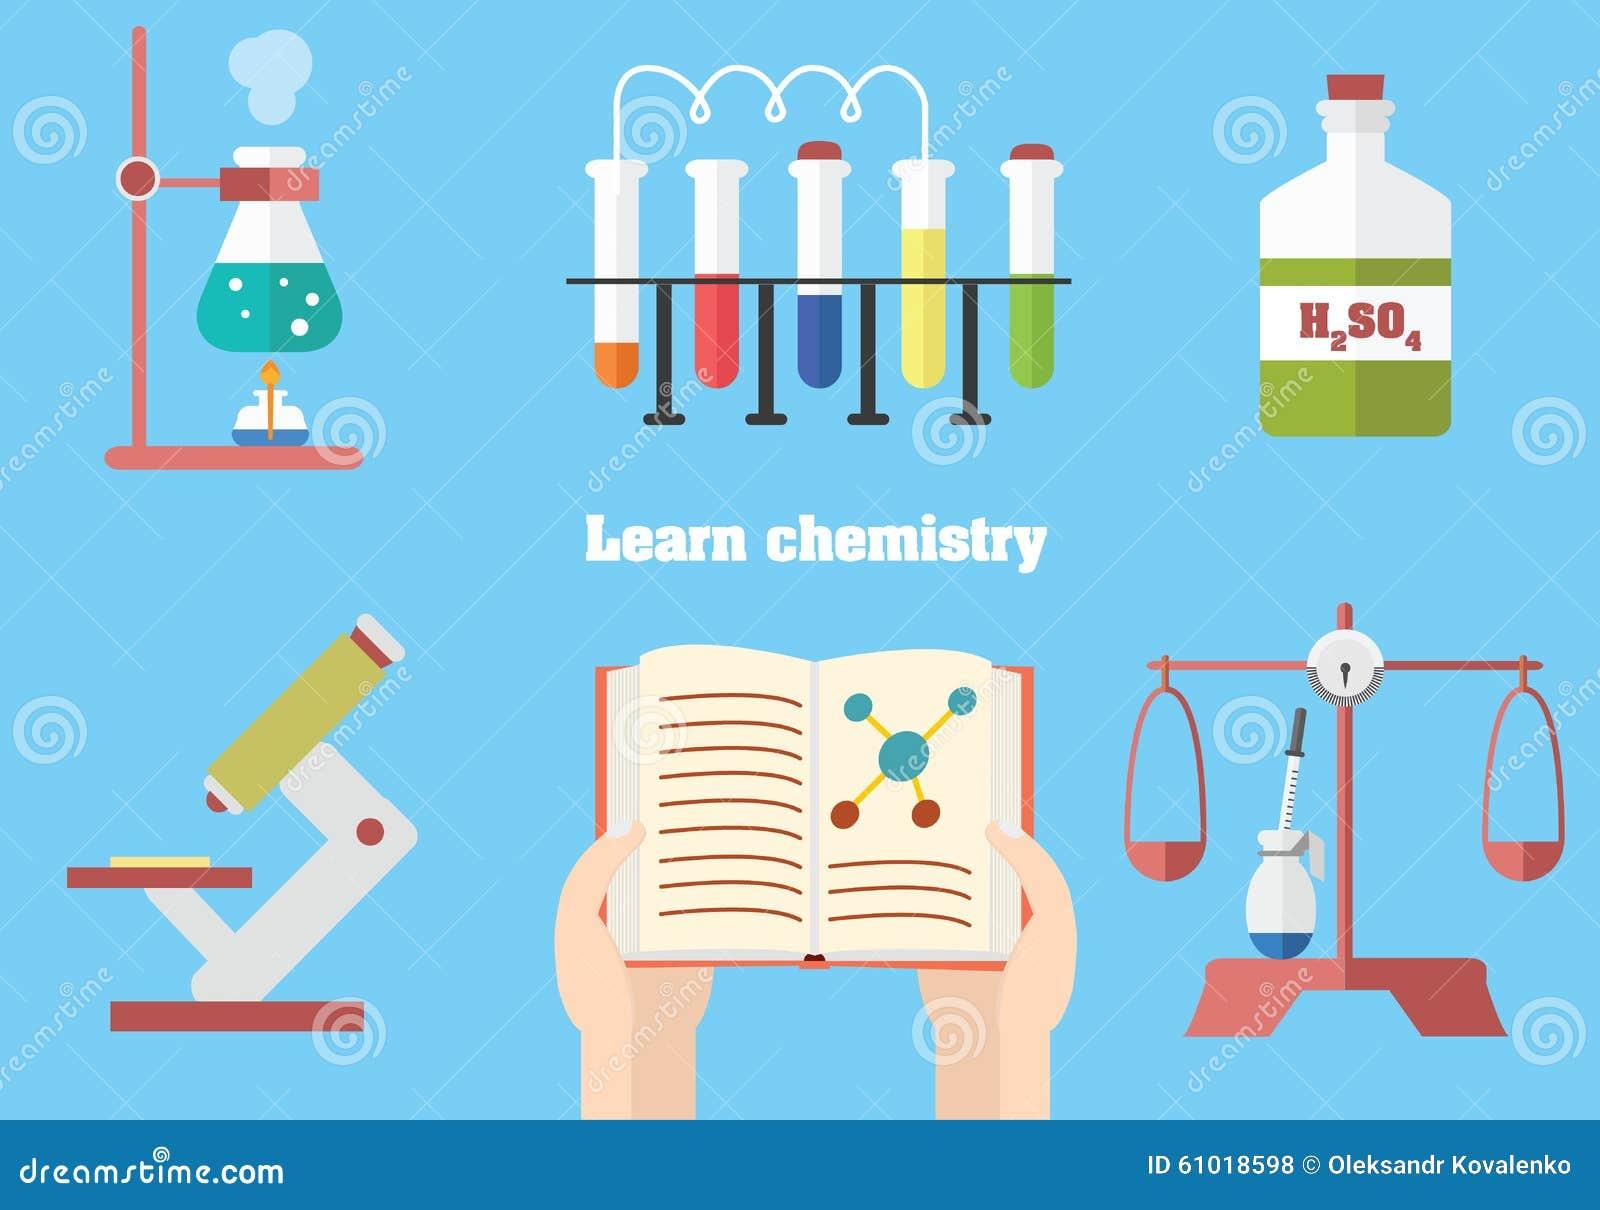 lernen sie chemie mit begriffsillustration vektor abbildung bild 61018598. Black Bedroom Furniture Sets. Home Design Ideas